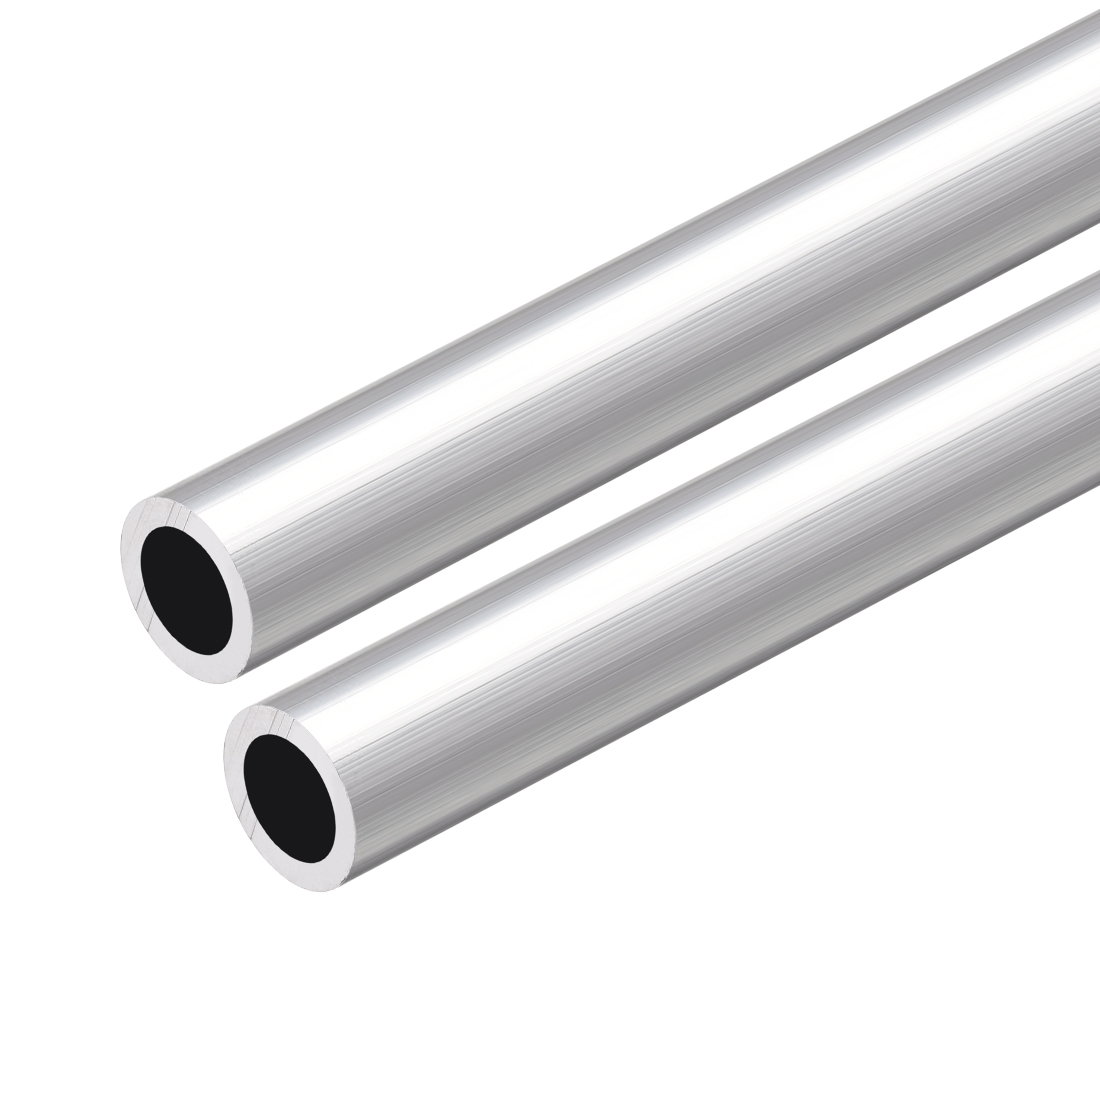 6063 Aluminum Round Tube 300mm Length 12mm OD 8mm Inner Dia Seamless Tubing 2Pcs